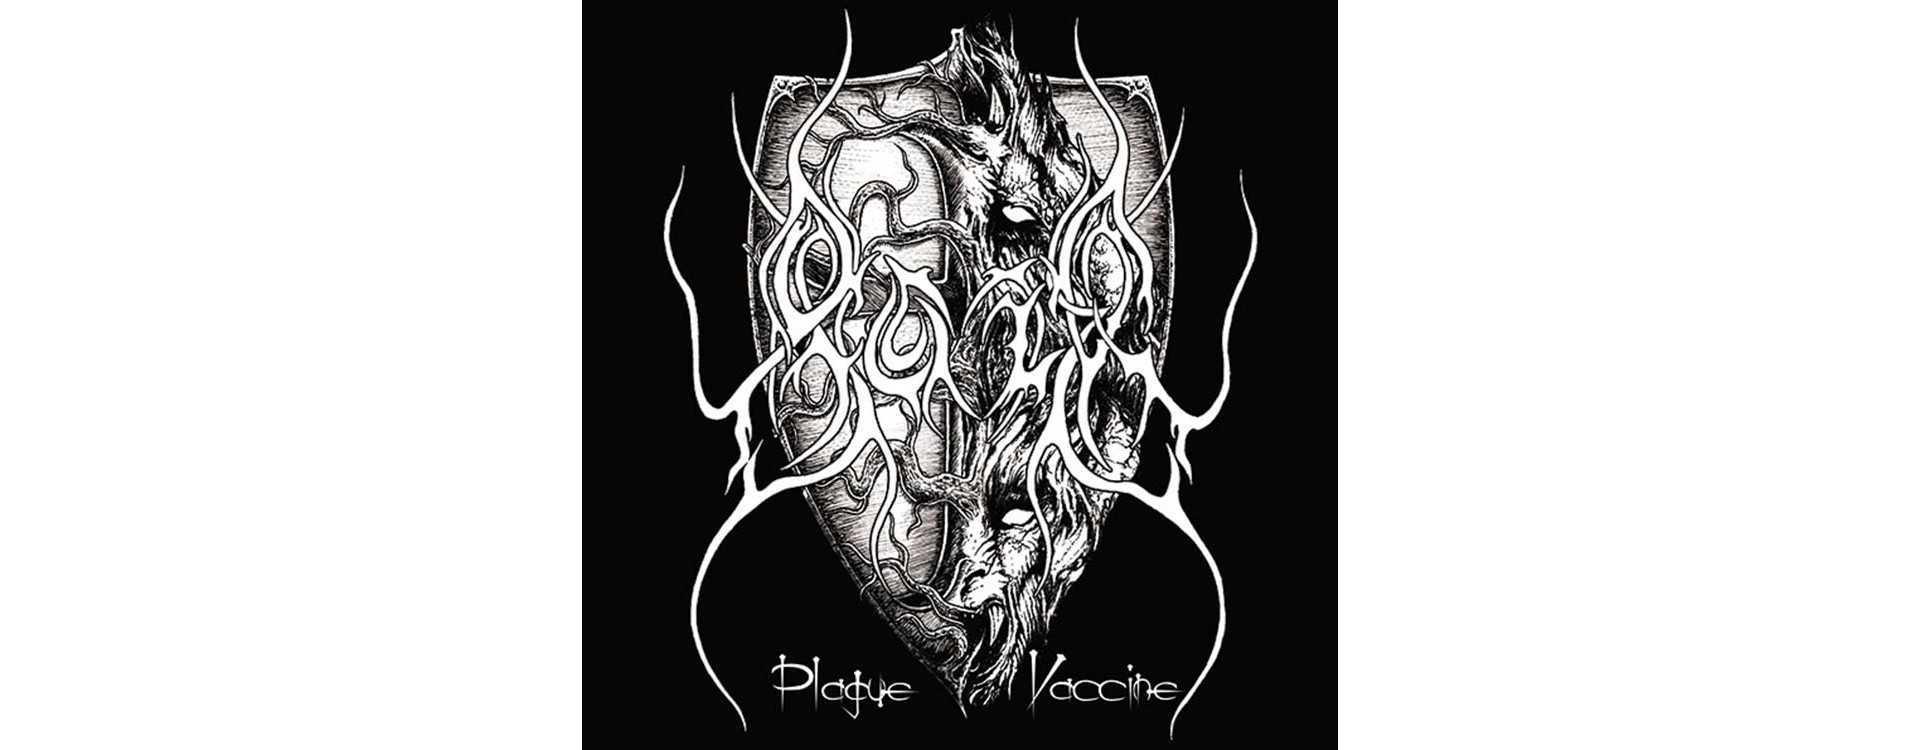 BOLG - Plague Vaccine . CD